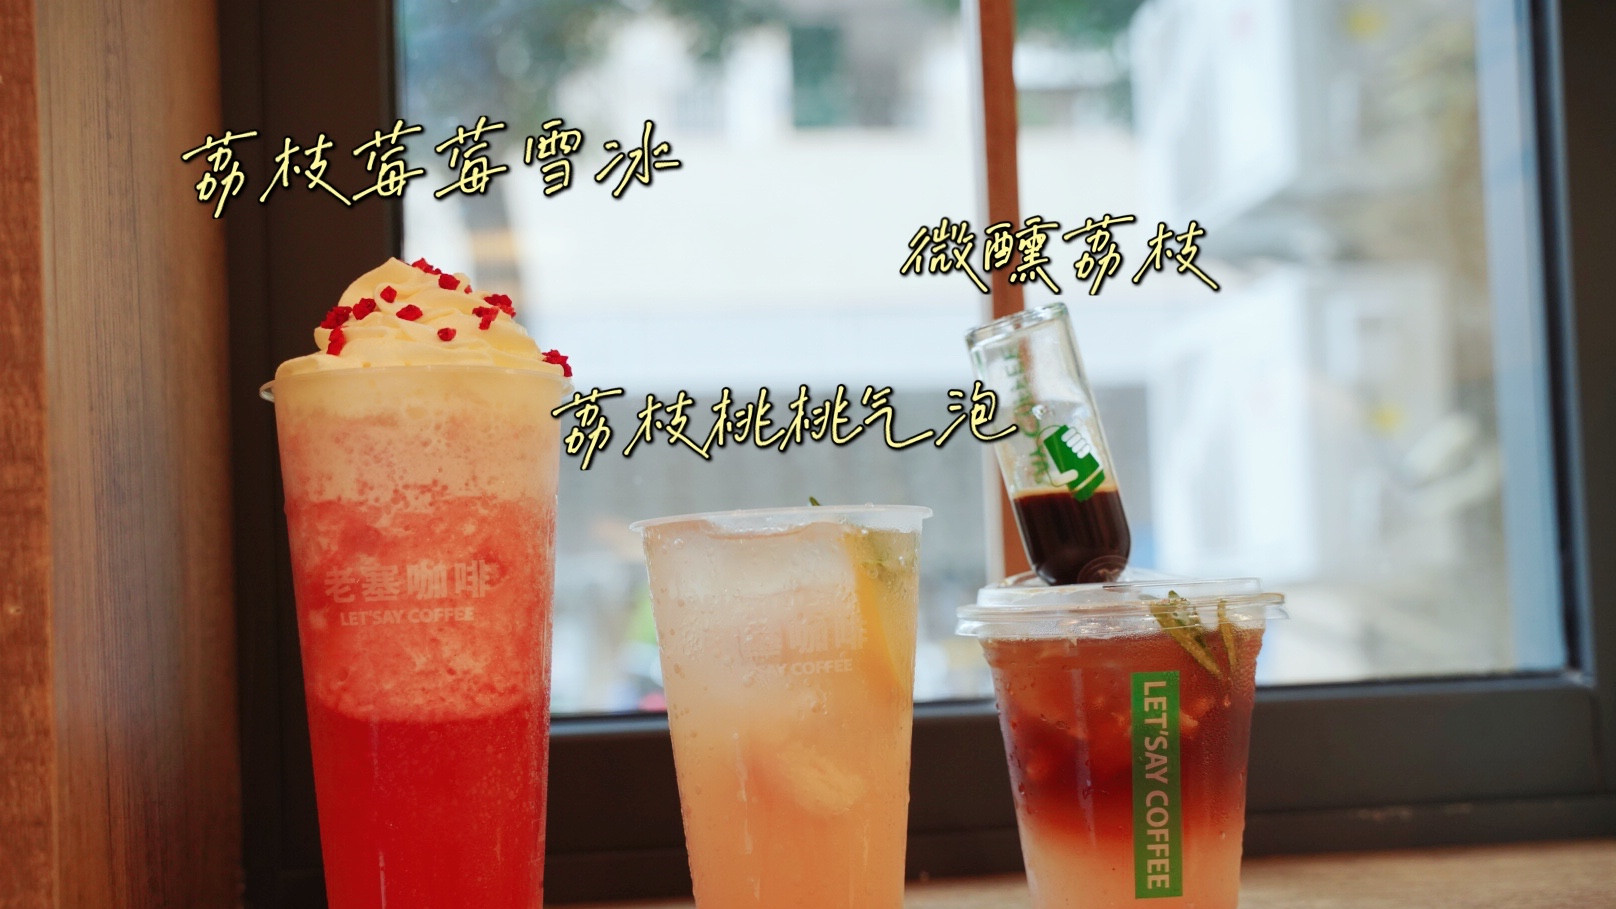 夏日饮品推荐·老塞咖啡|七月是荔枝的季节